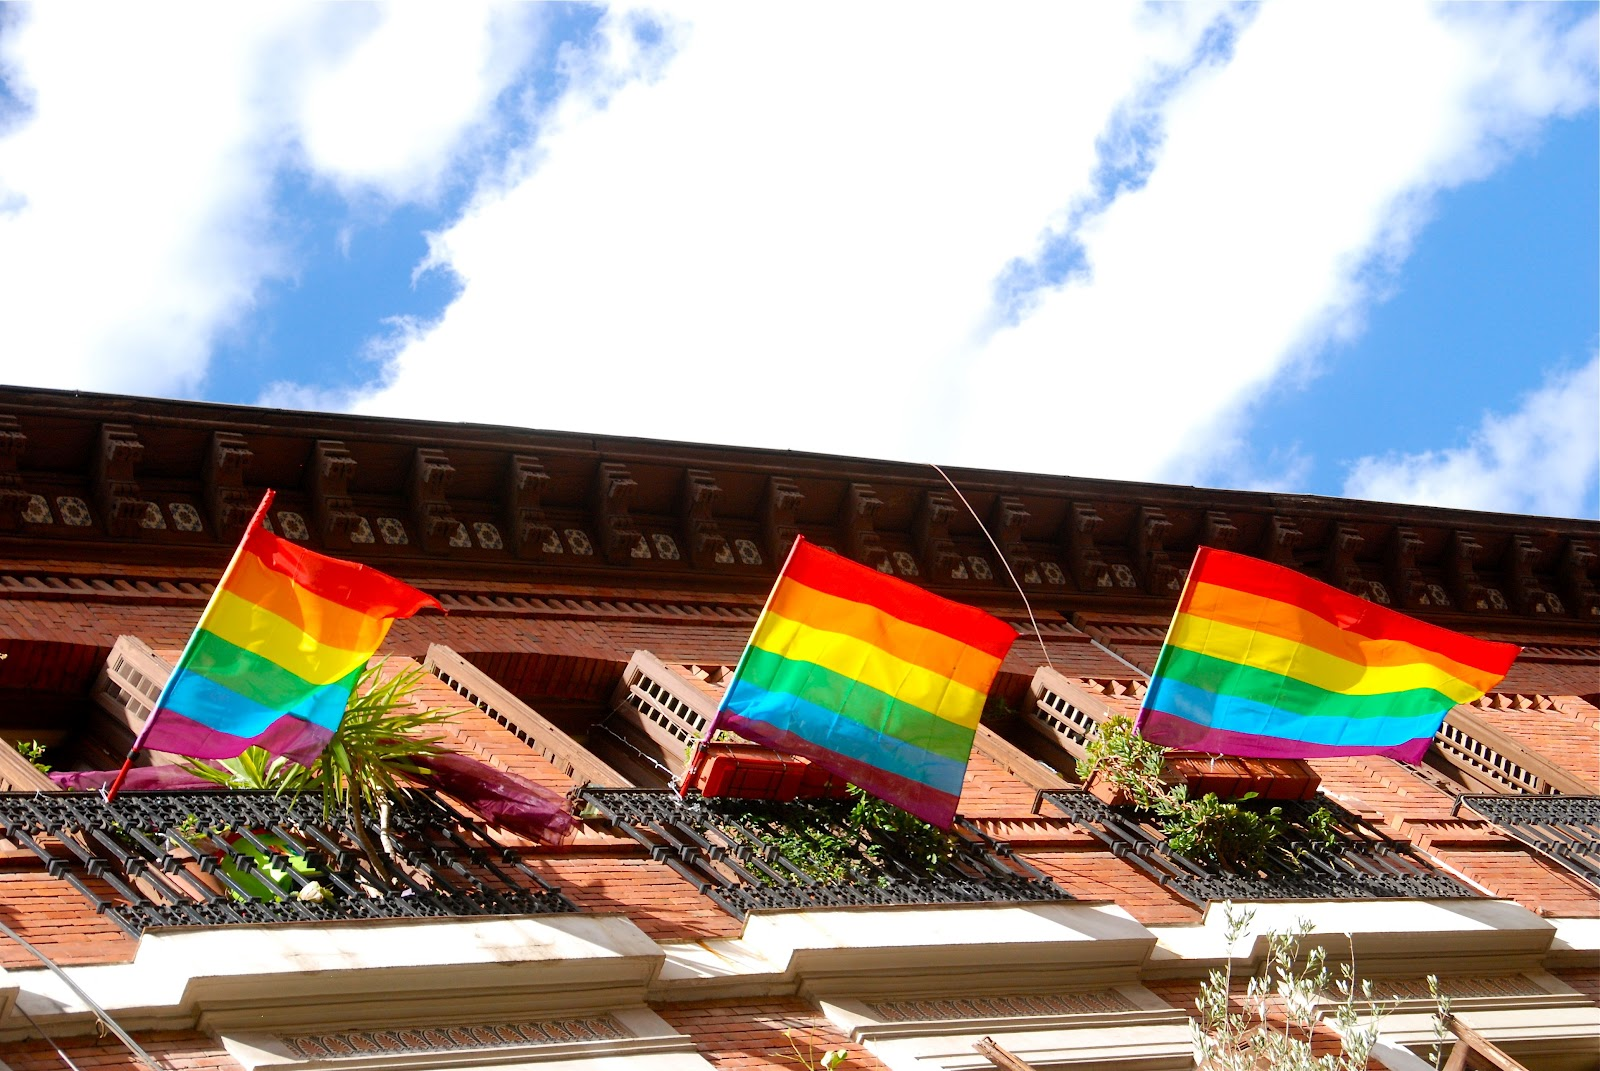 Chat Universo Gay Malaga